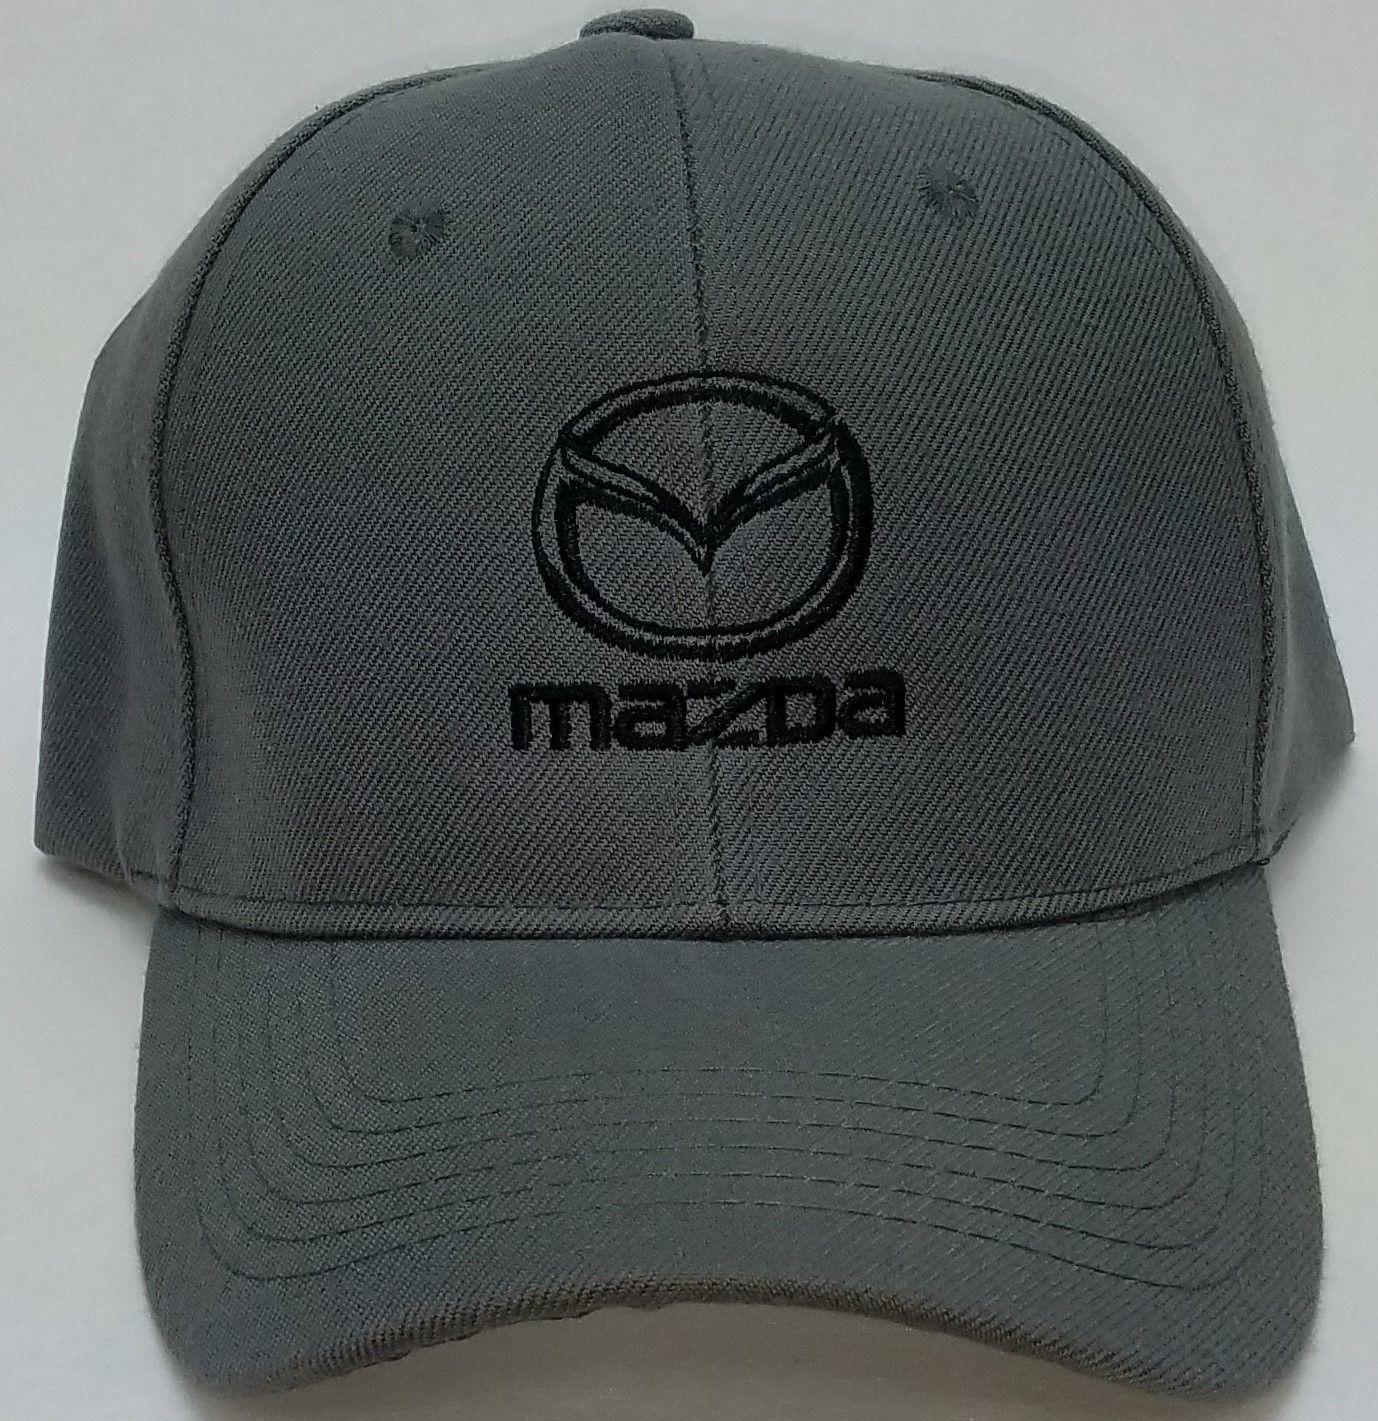 7ca0d54a4f92e Great Mazda Embroidered Baseball Hat Cap Adjustable Strap CX-3   MX-5 Miata    Mazda 3 2017 2018